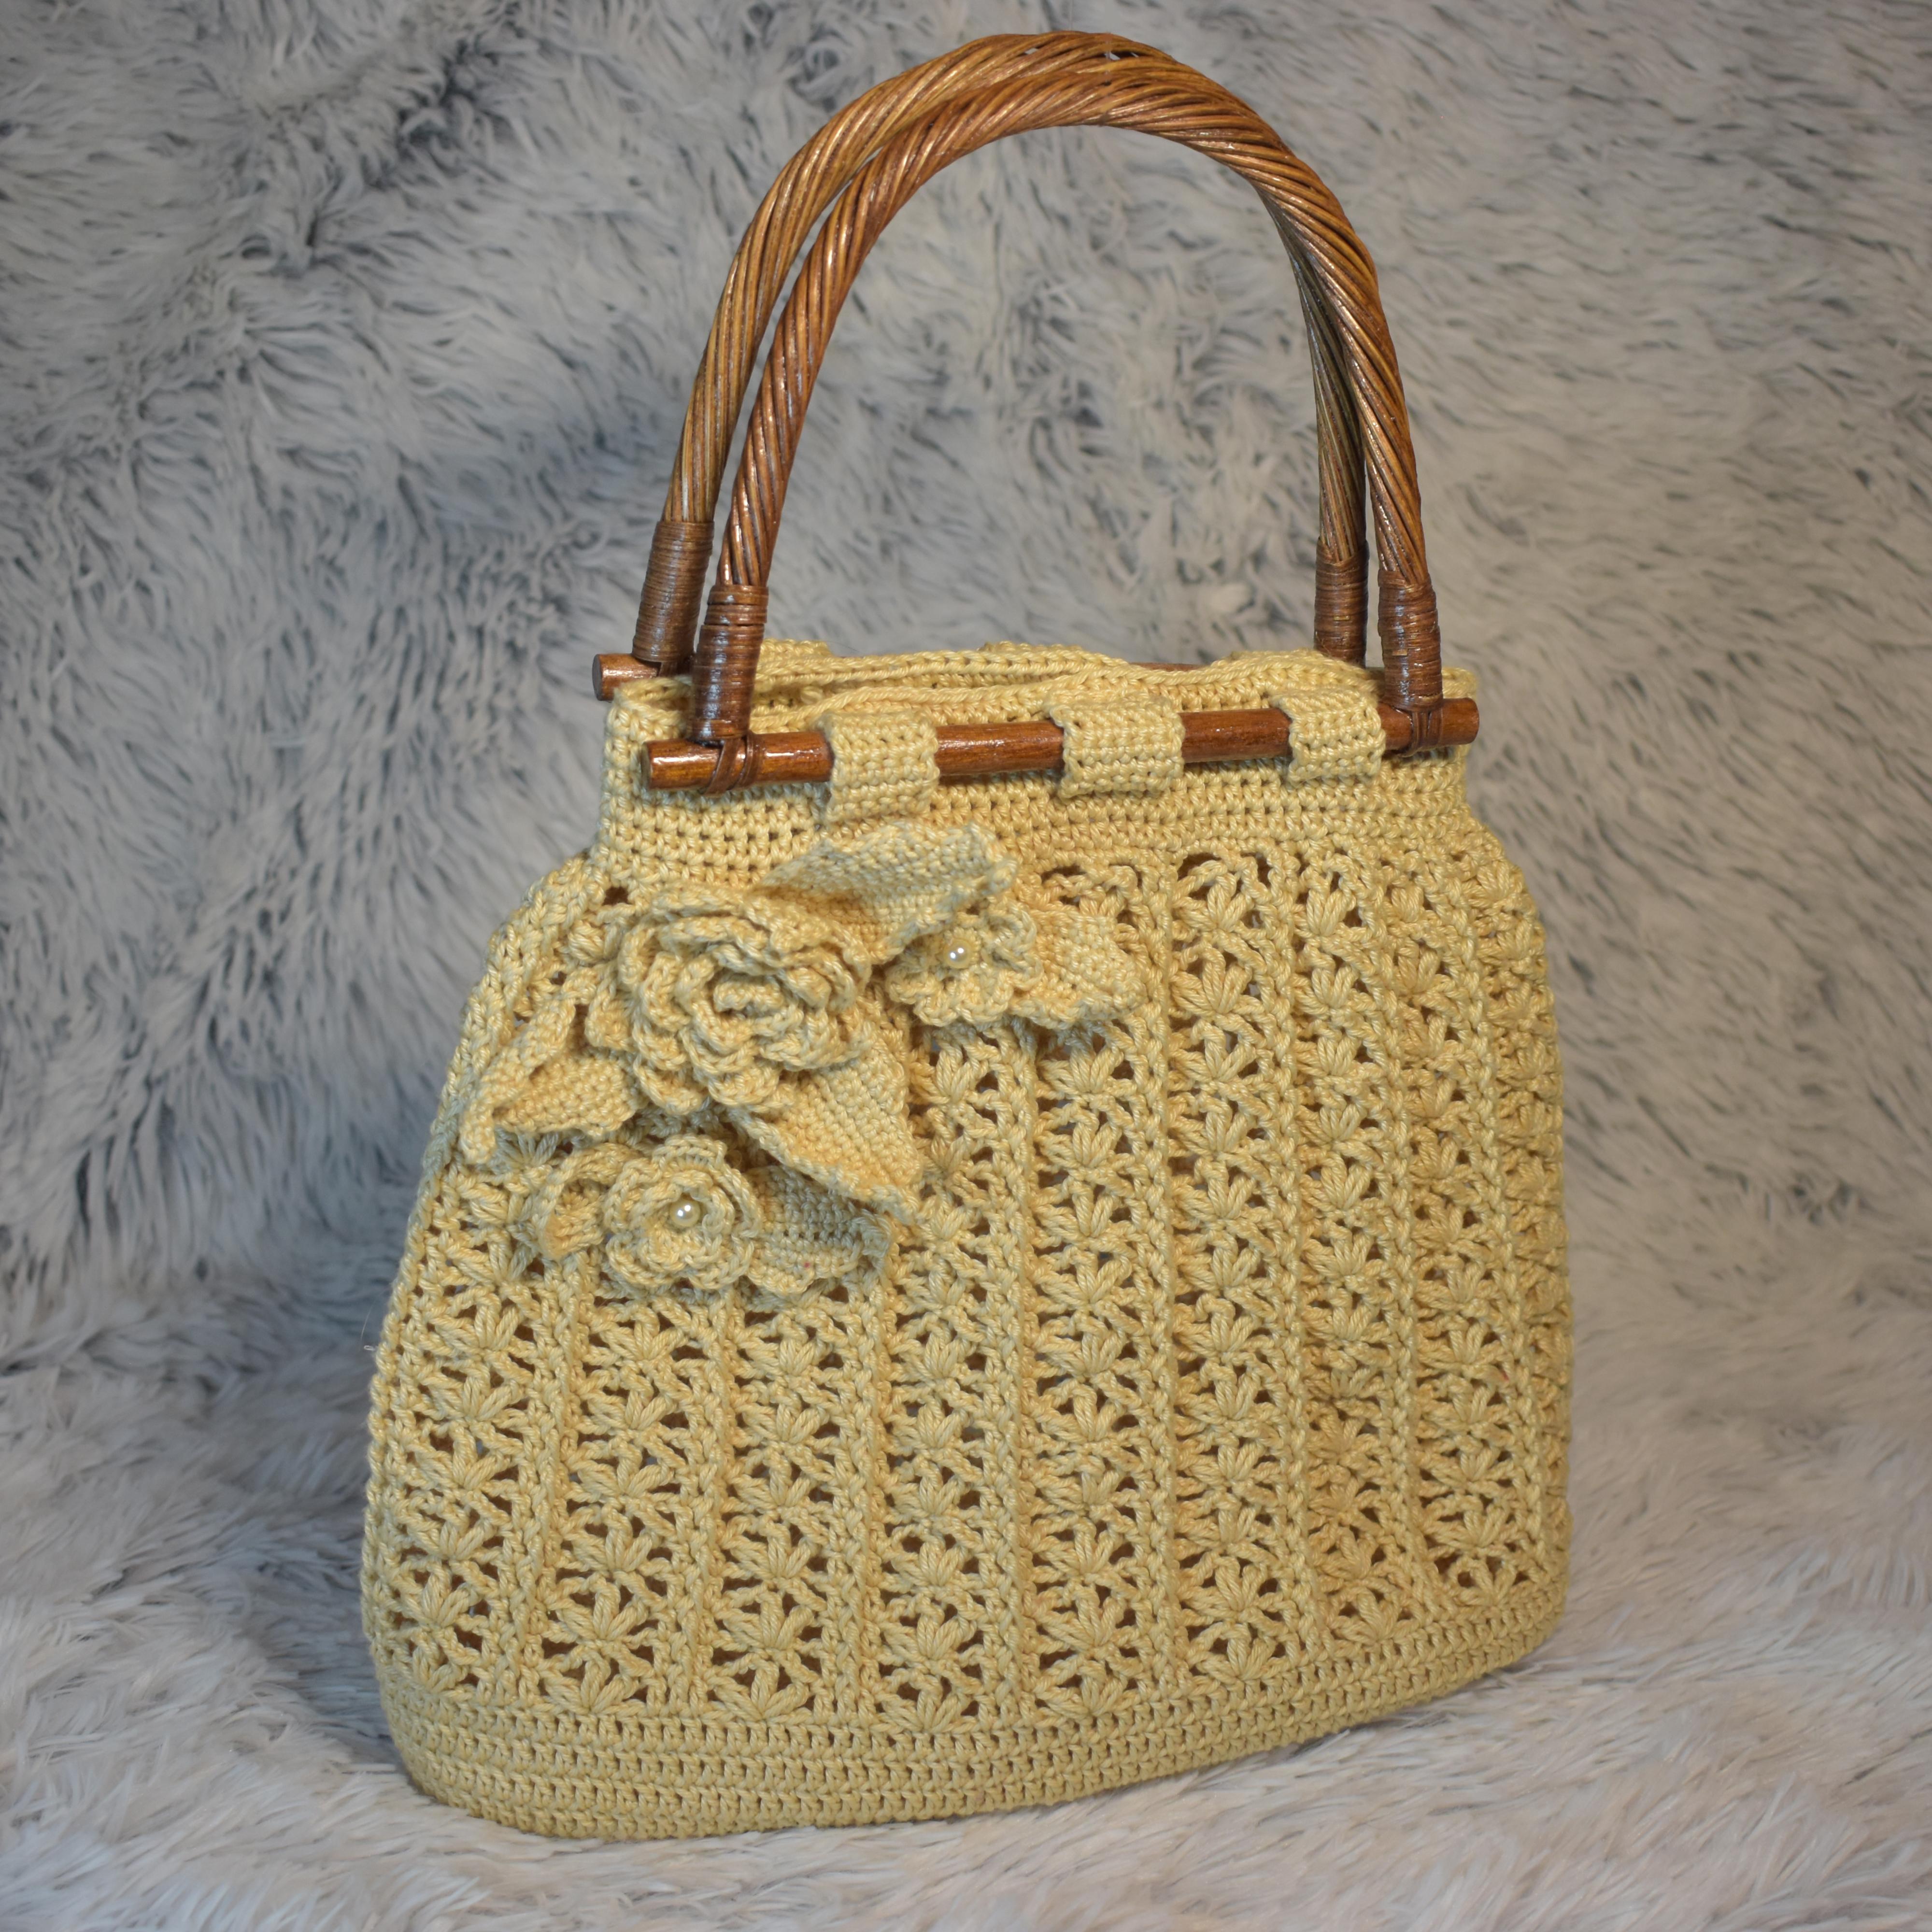 Letní kabelka s bambusovými uchy 97724a00540